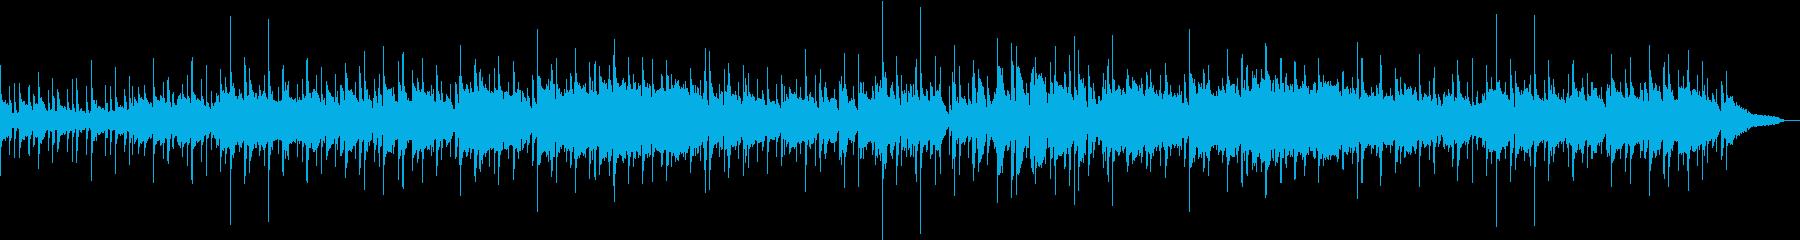 ゆったりした生演奏ソプラノSAXソロの再生済みの波形